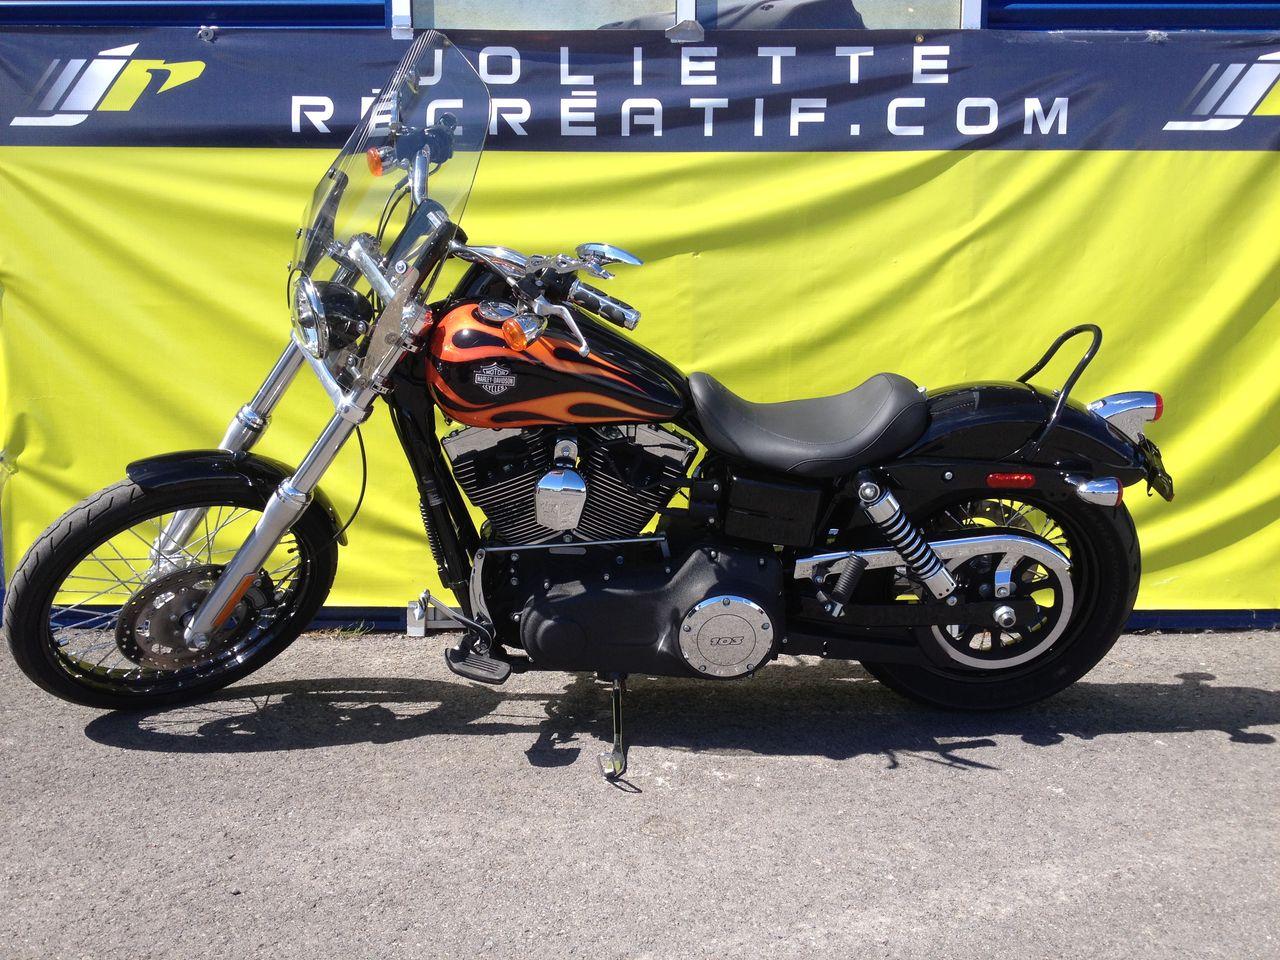 2013 Harley FXDWG